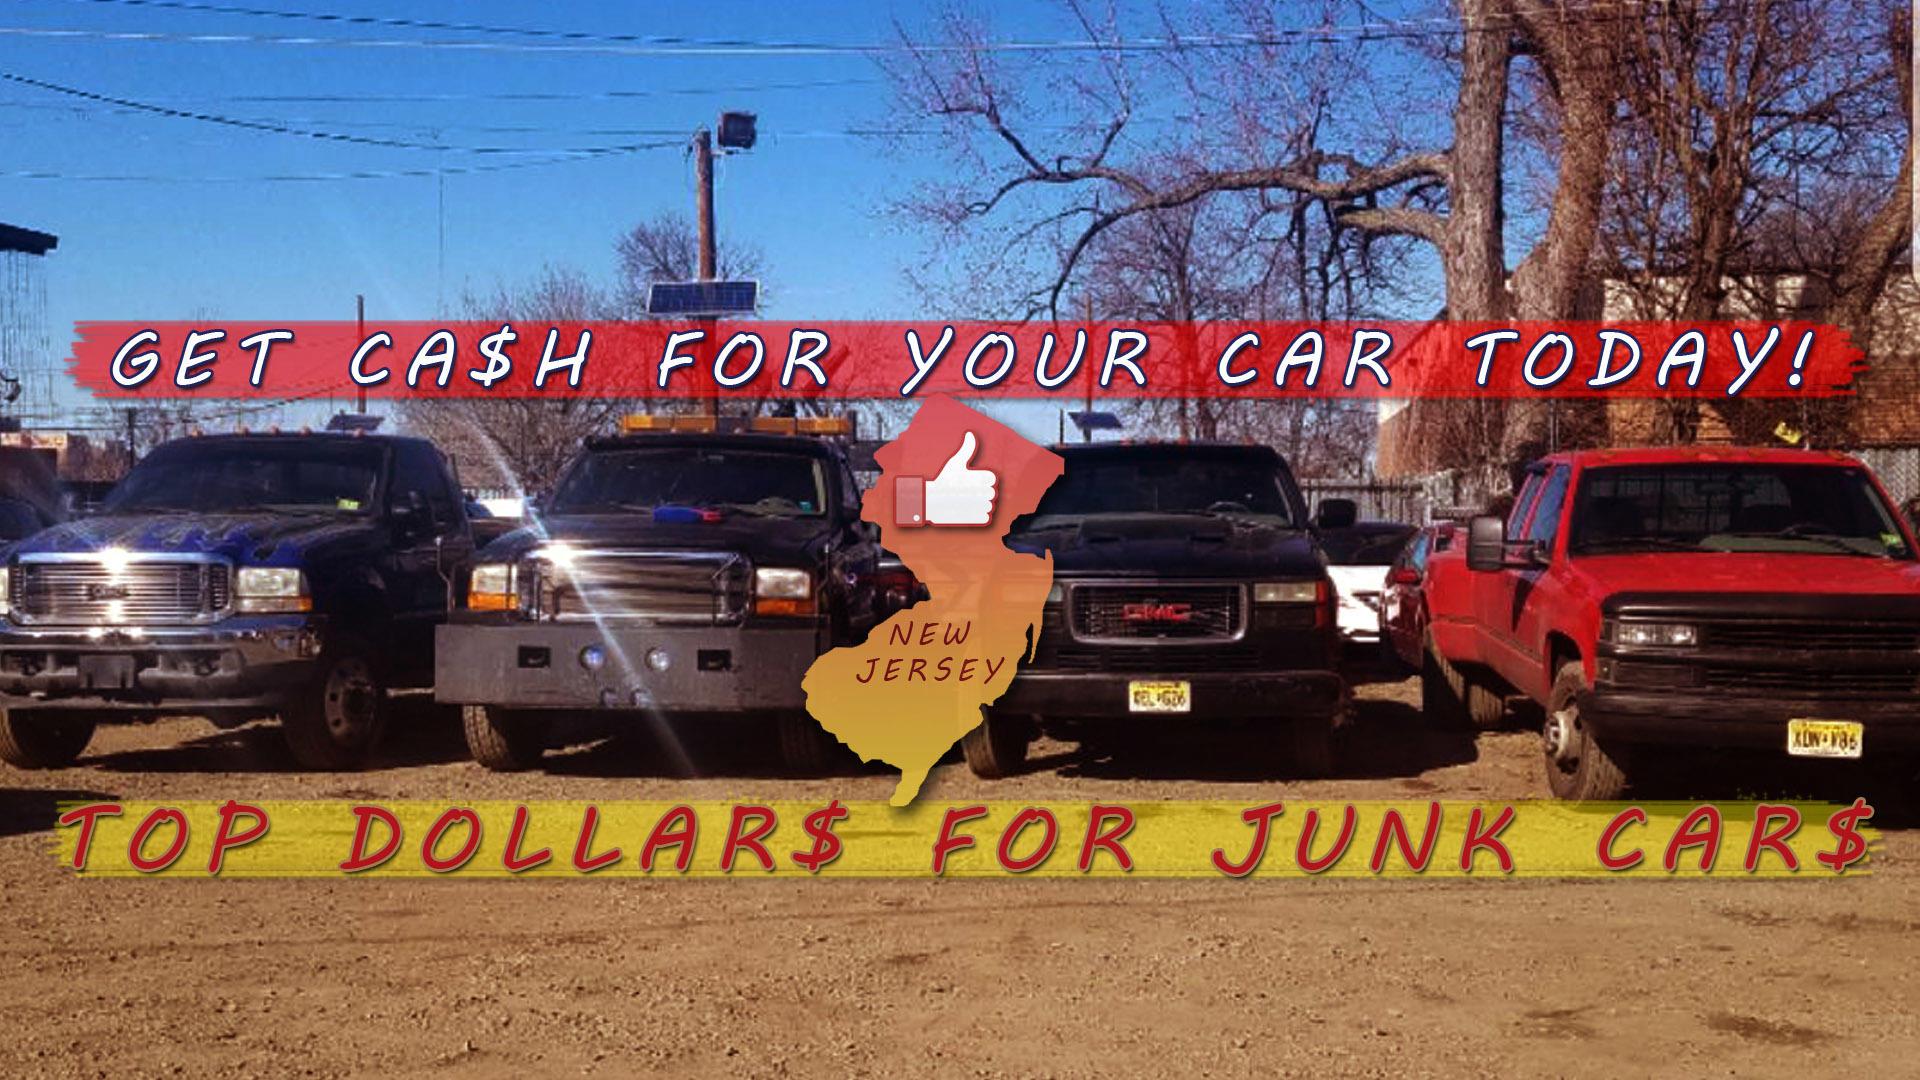 Cash for Junk Autos NJ image 4